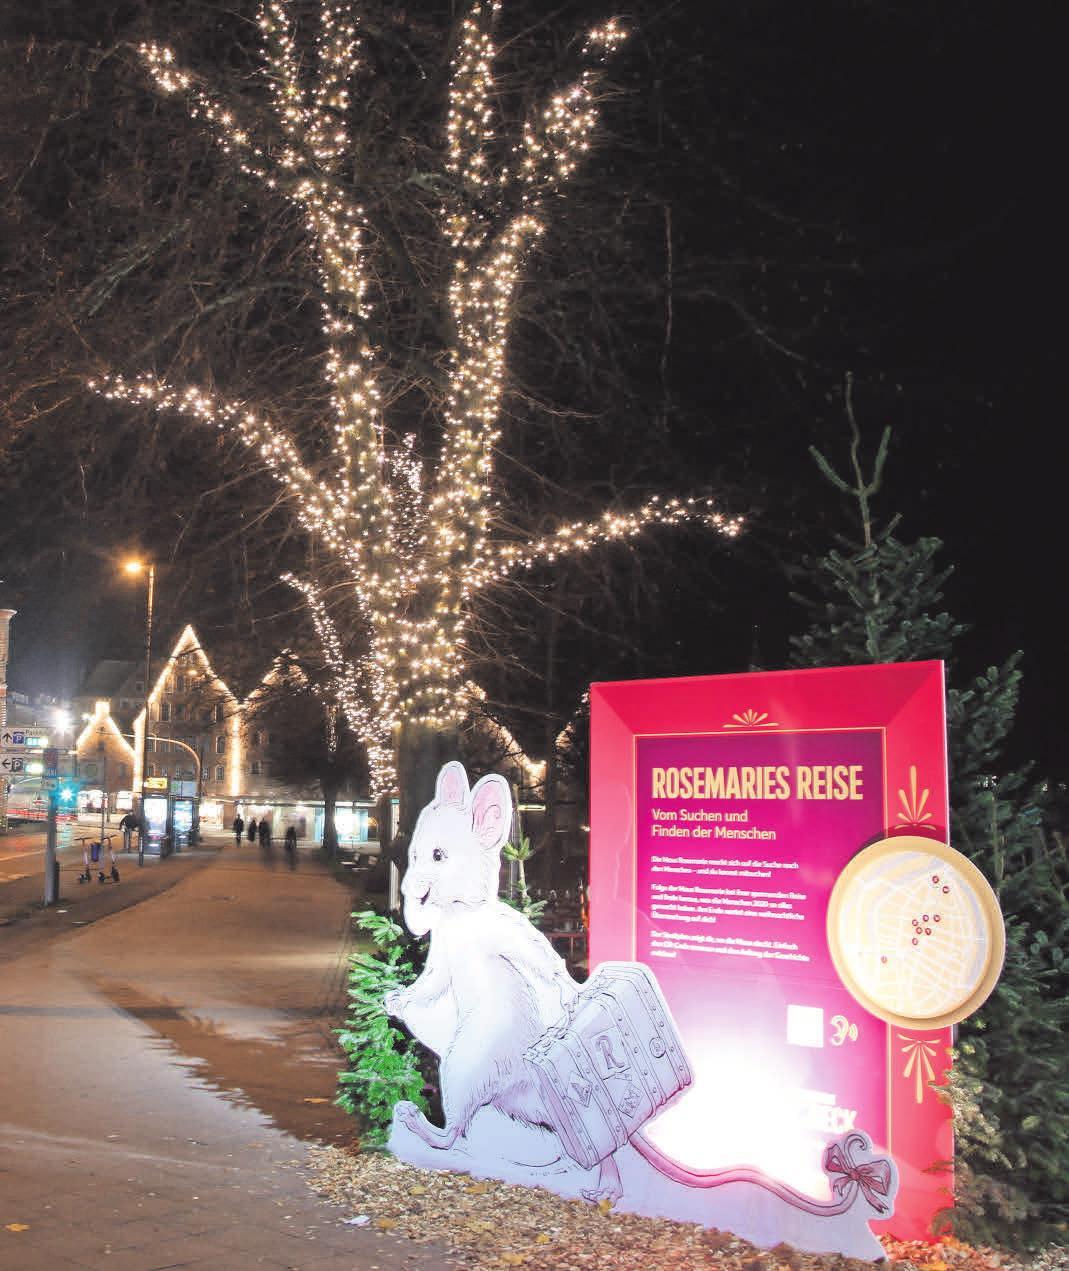 Rosemaries Reise durch die Lübecker Altstadt startet an der Tourist-Information am Holstentor. Ziel ist das Europäische Hansemuseum